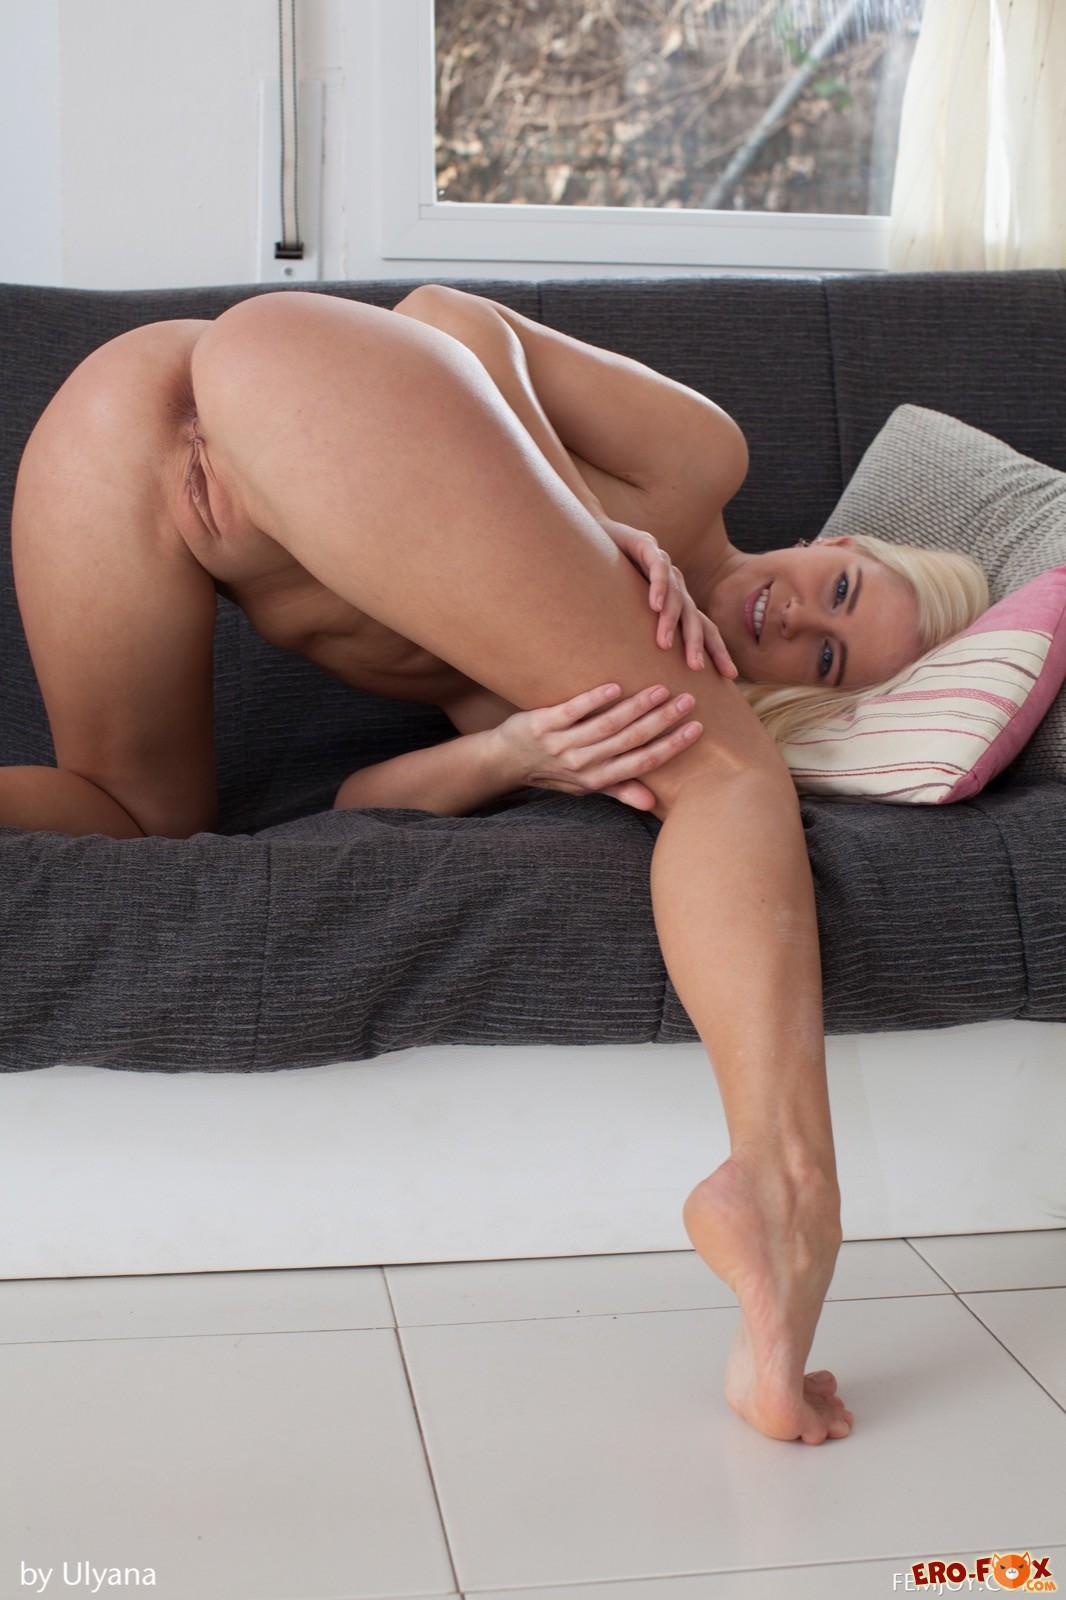 Блондинка показывает голую бритую письку раком